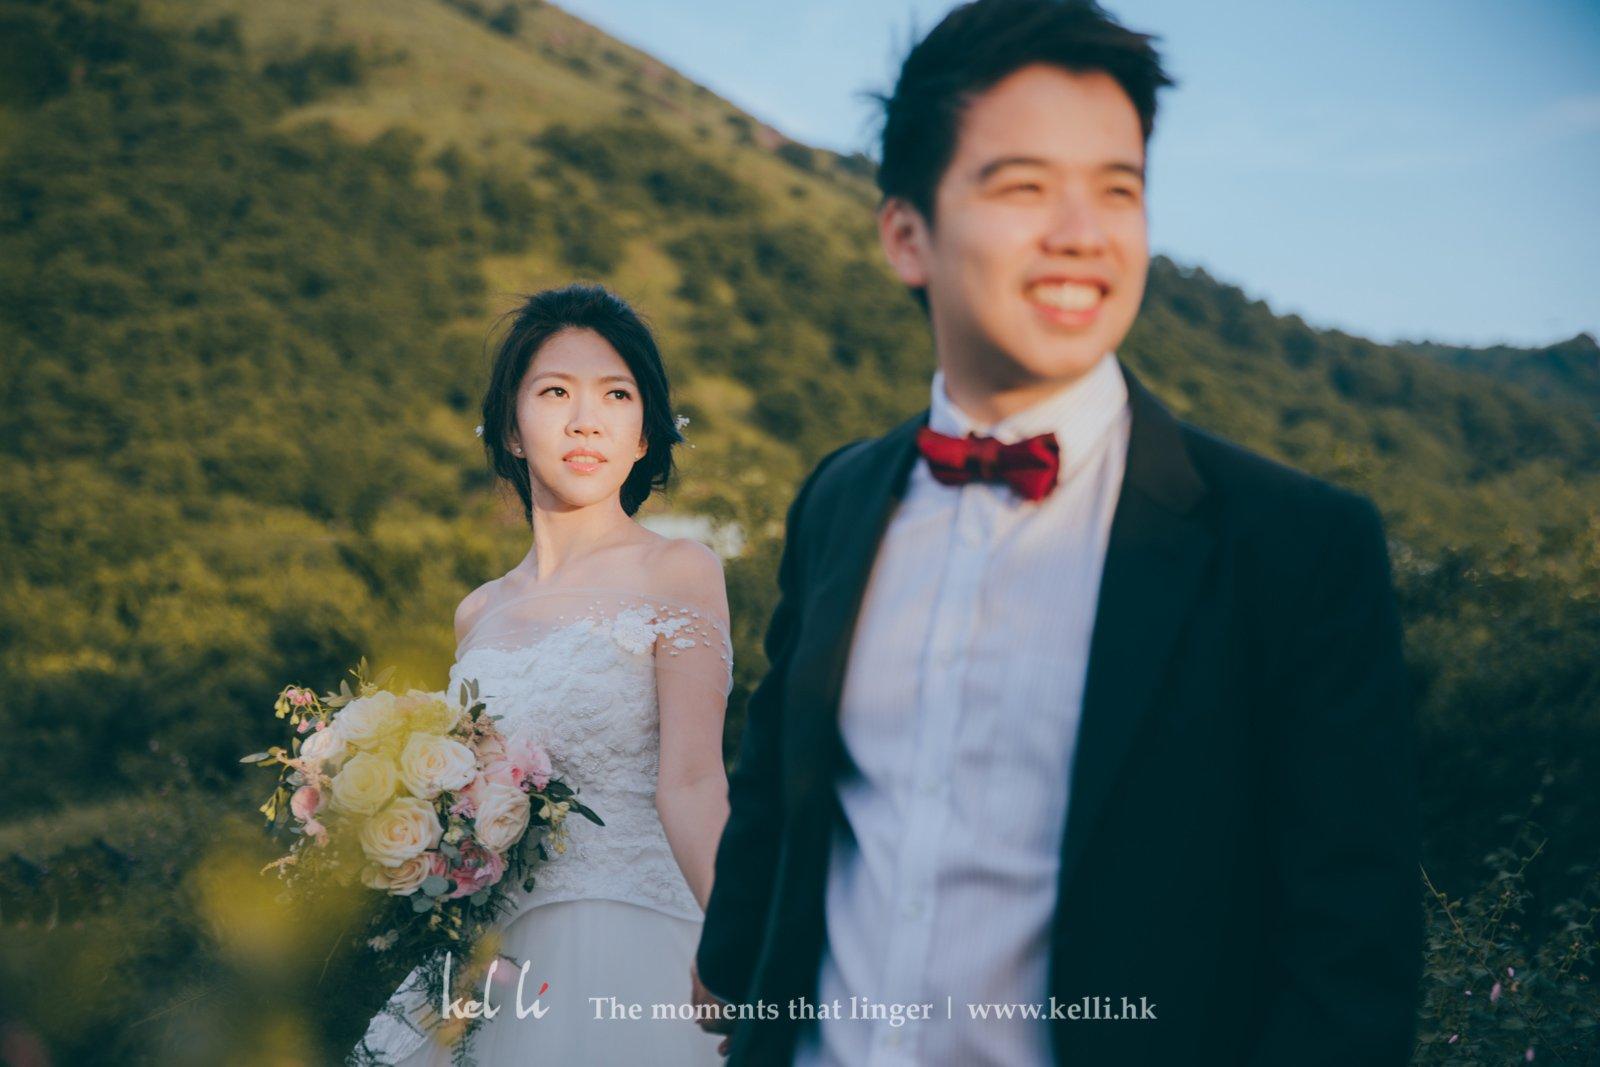 一天裡最美的時候就是日落,在這段時間拍出的婚紗照很和暖、很有溫度。